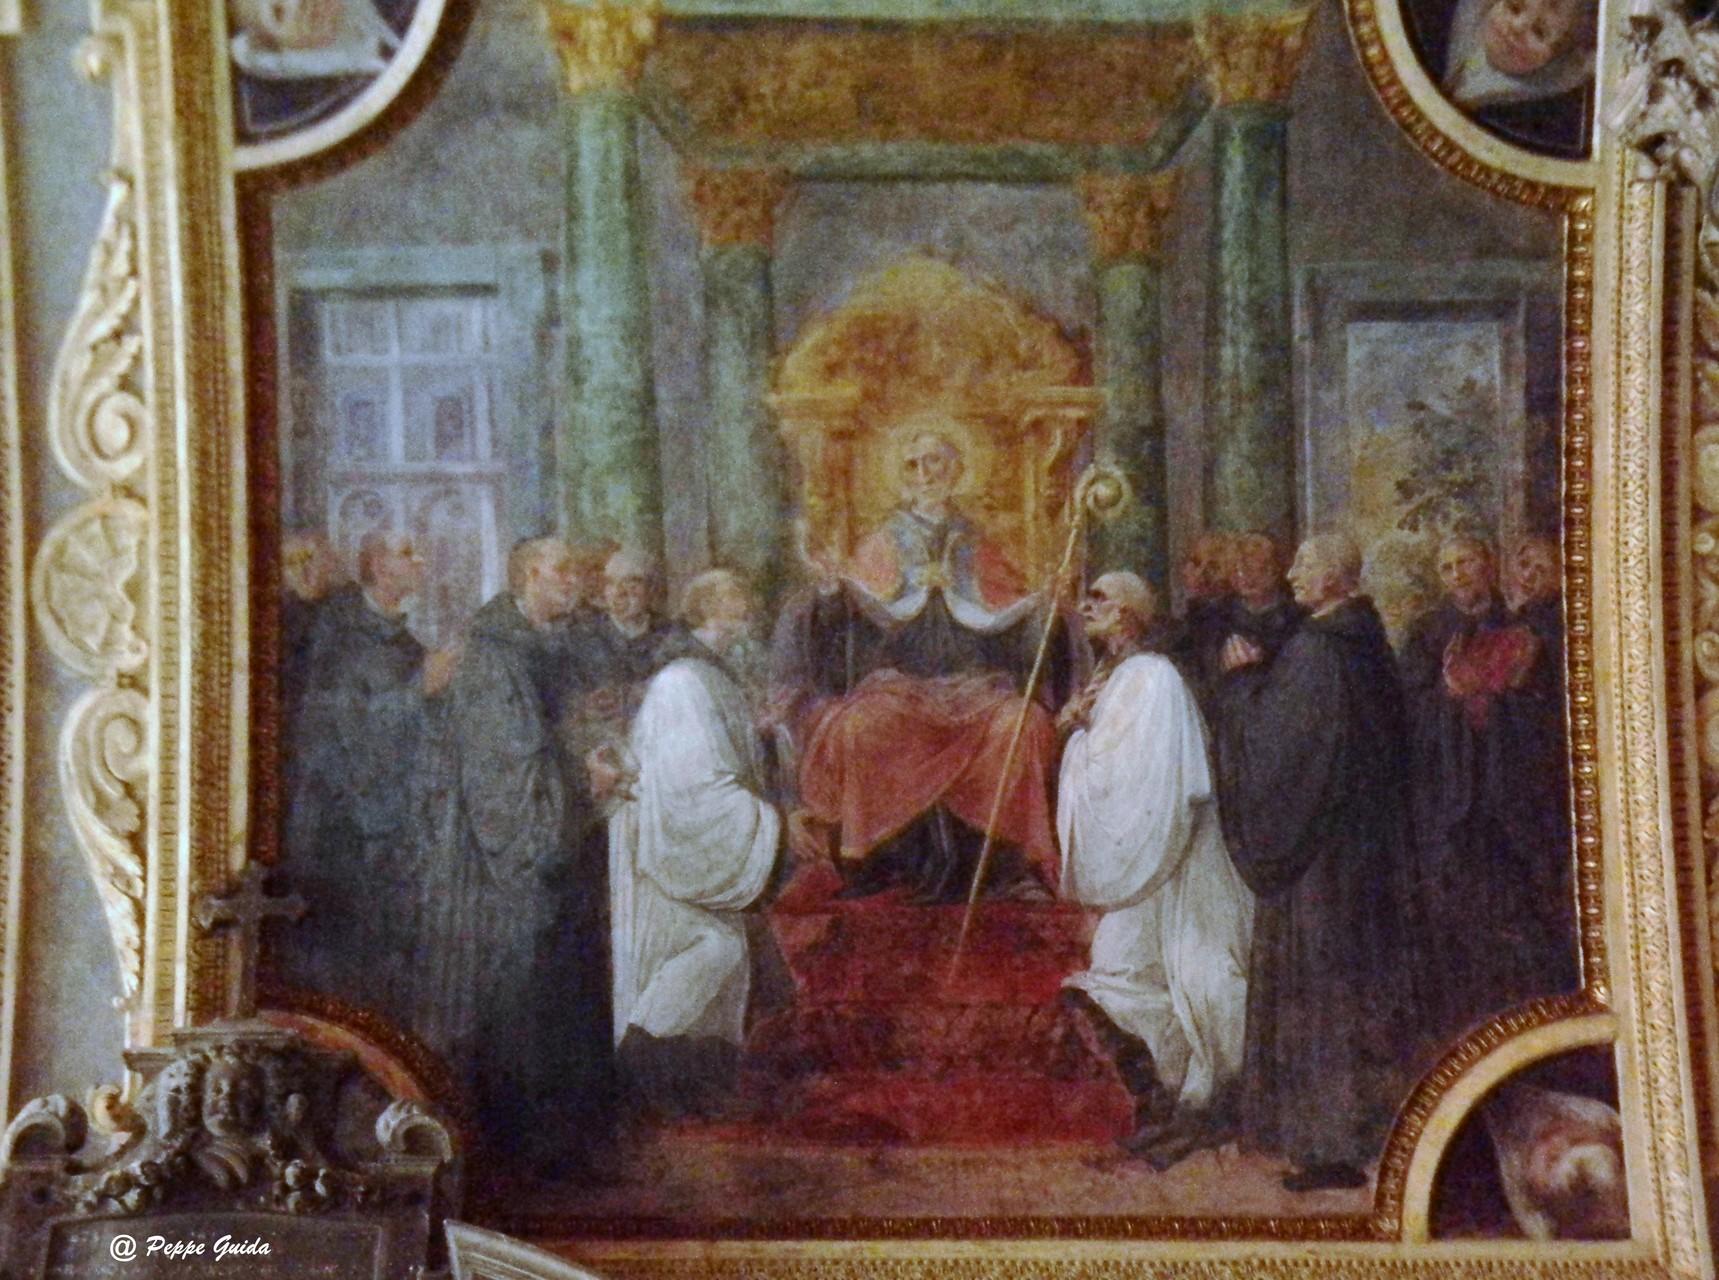 B. CORENZIO-A. NUCCI-V. DE PINO, S. Pascasio in sedia abadiale, circondato dai suoi frati (1597-1599), affresco [foto Peppe Guida]